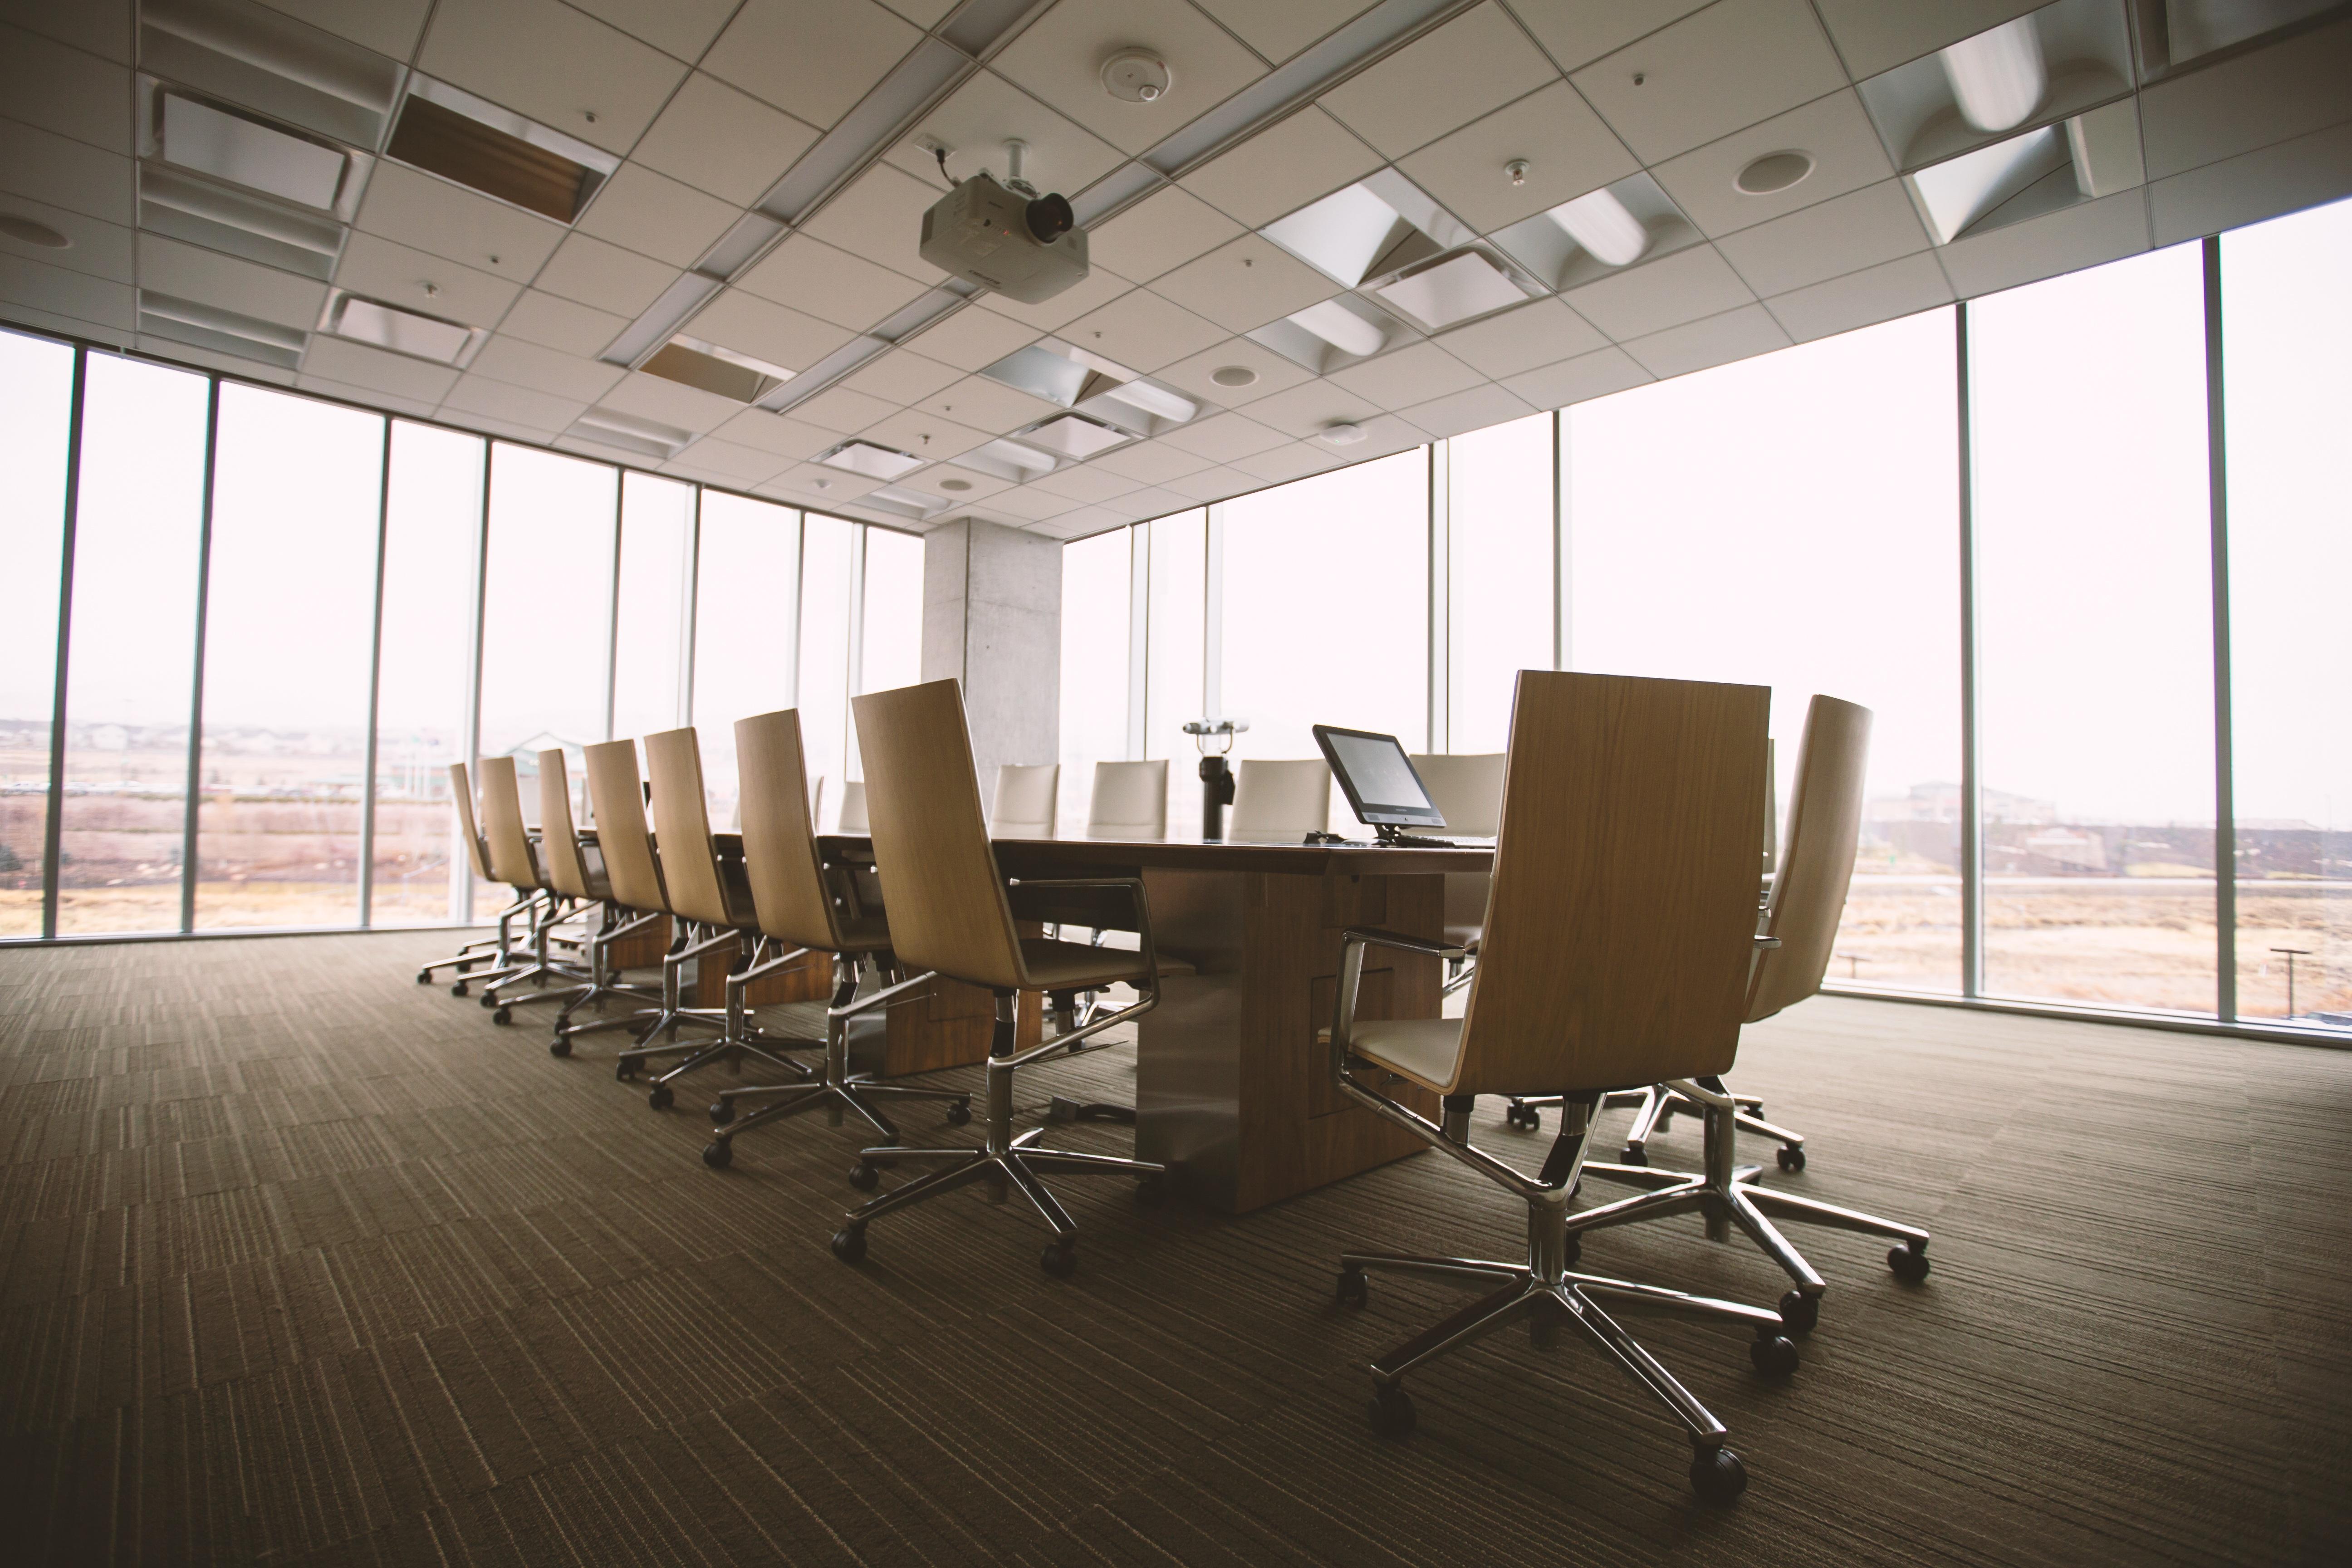 подвесной потолок армстронг для конференц-залов